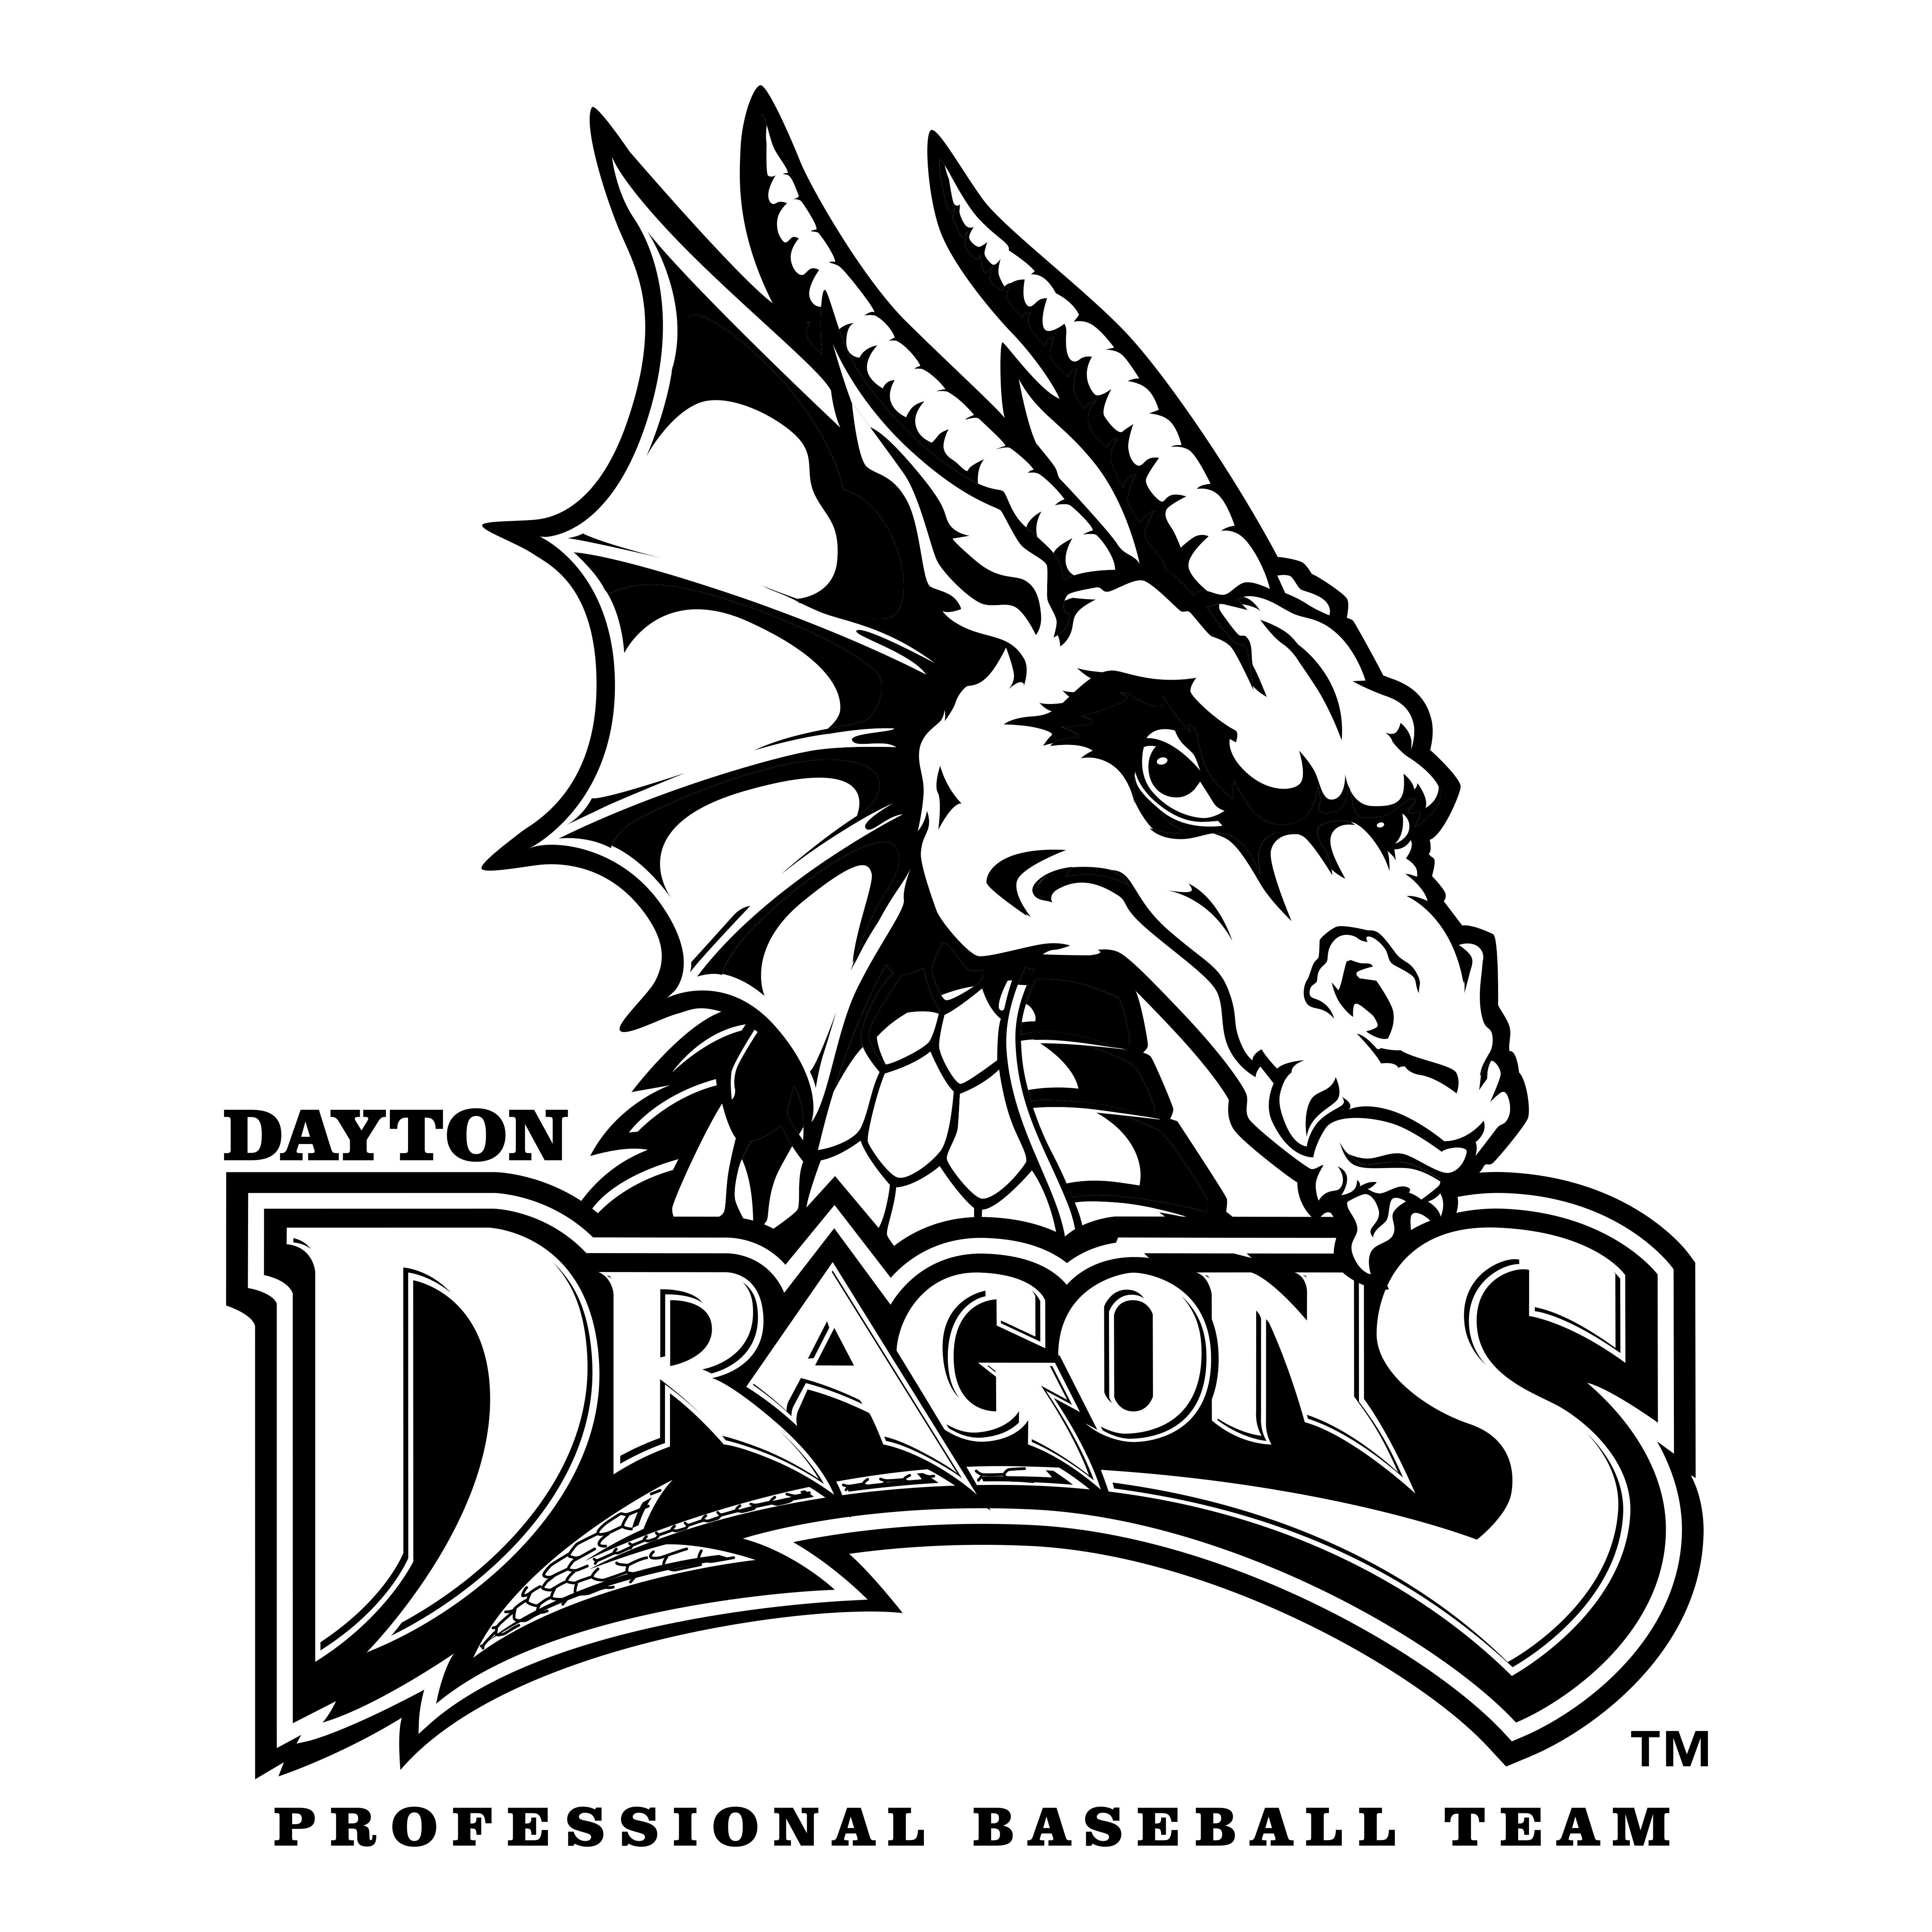 dayton dragons  u2013 logos download